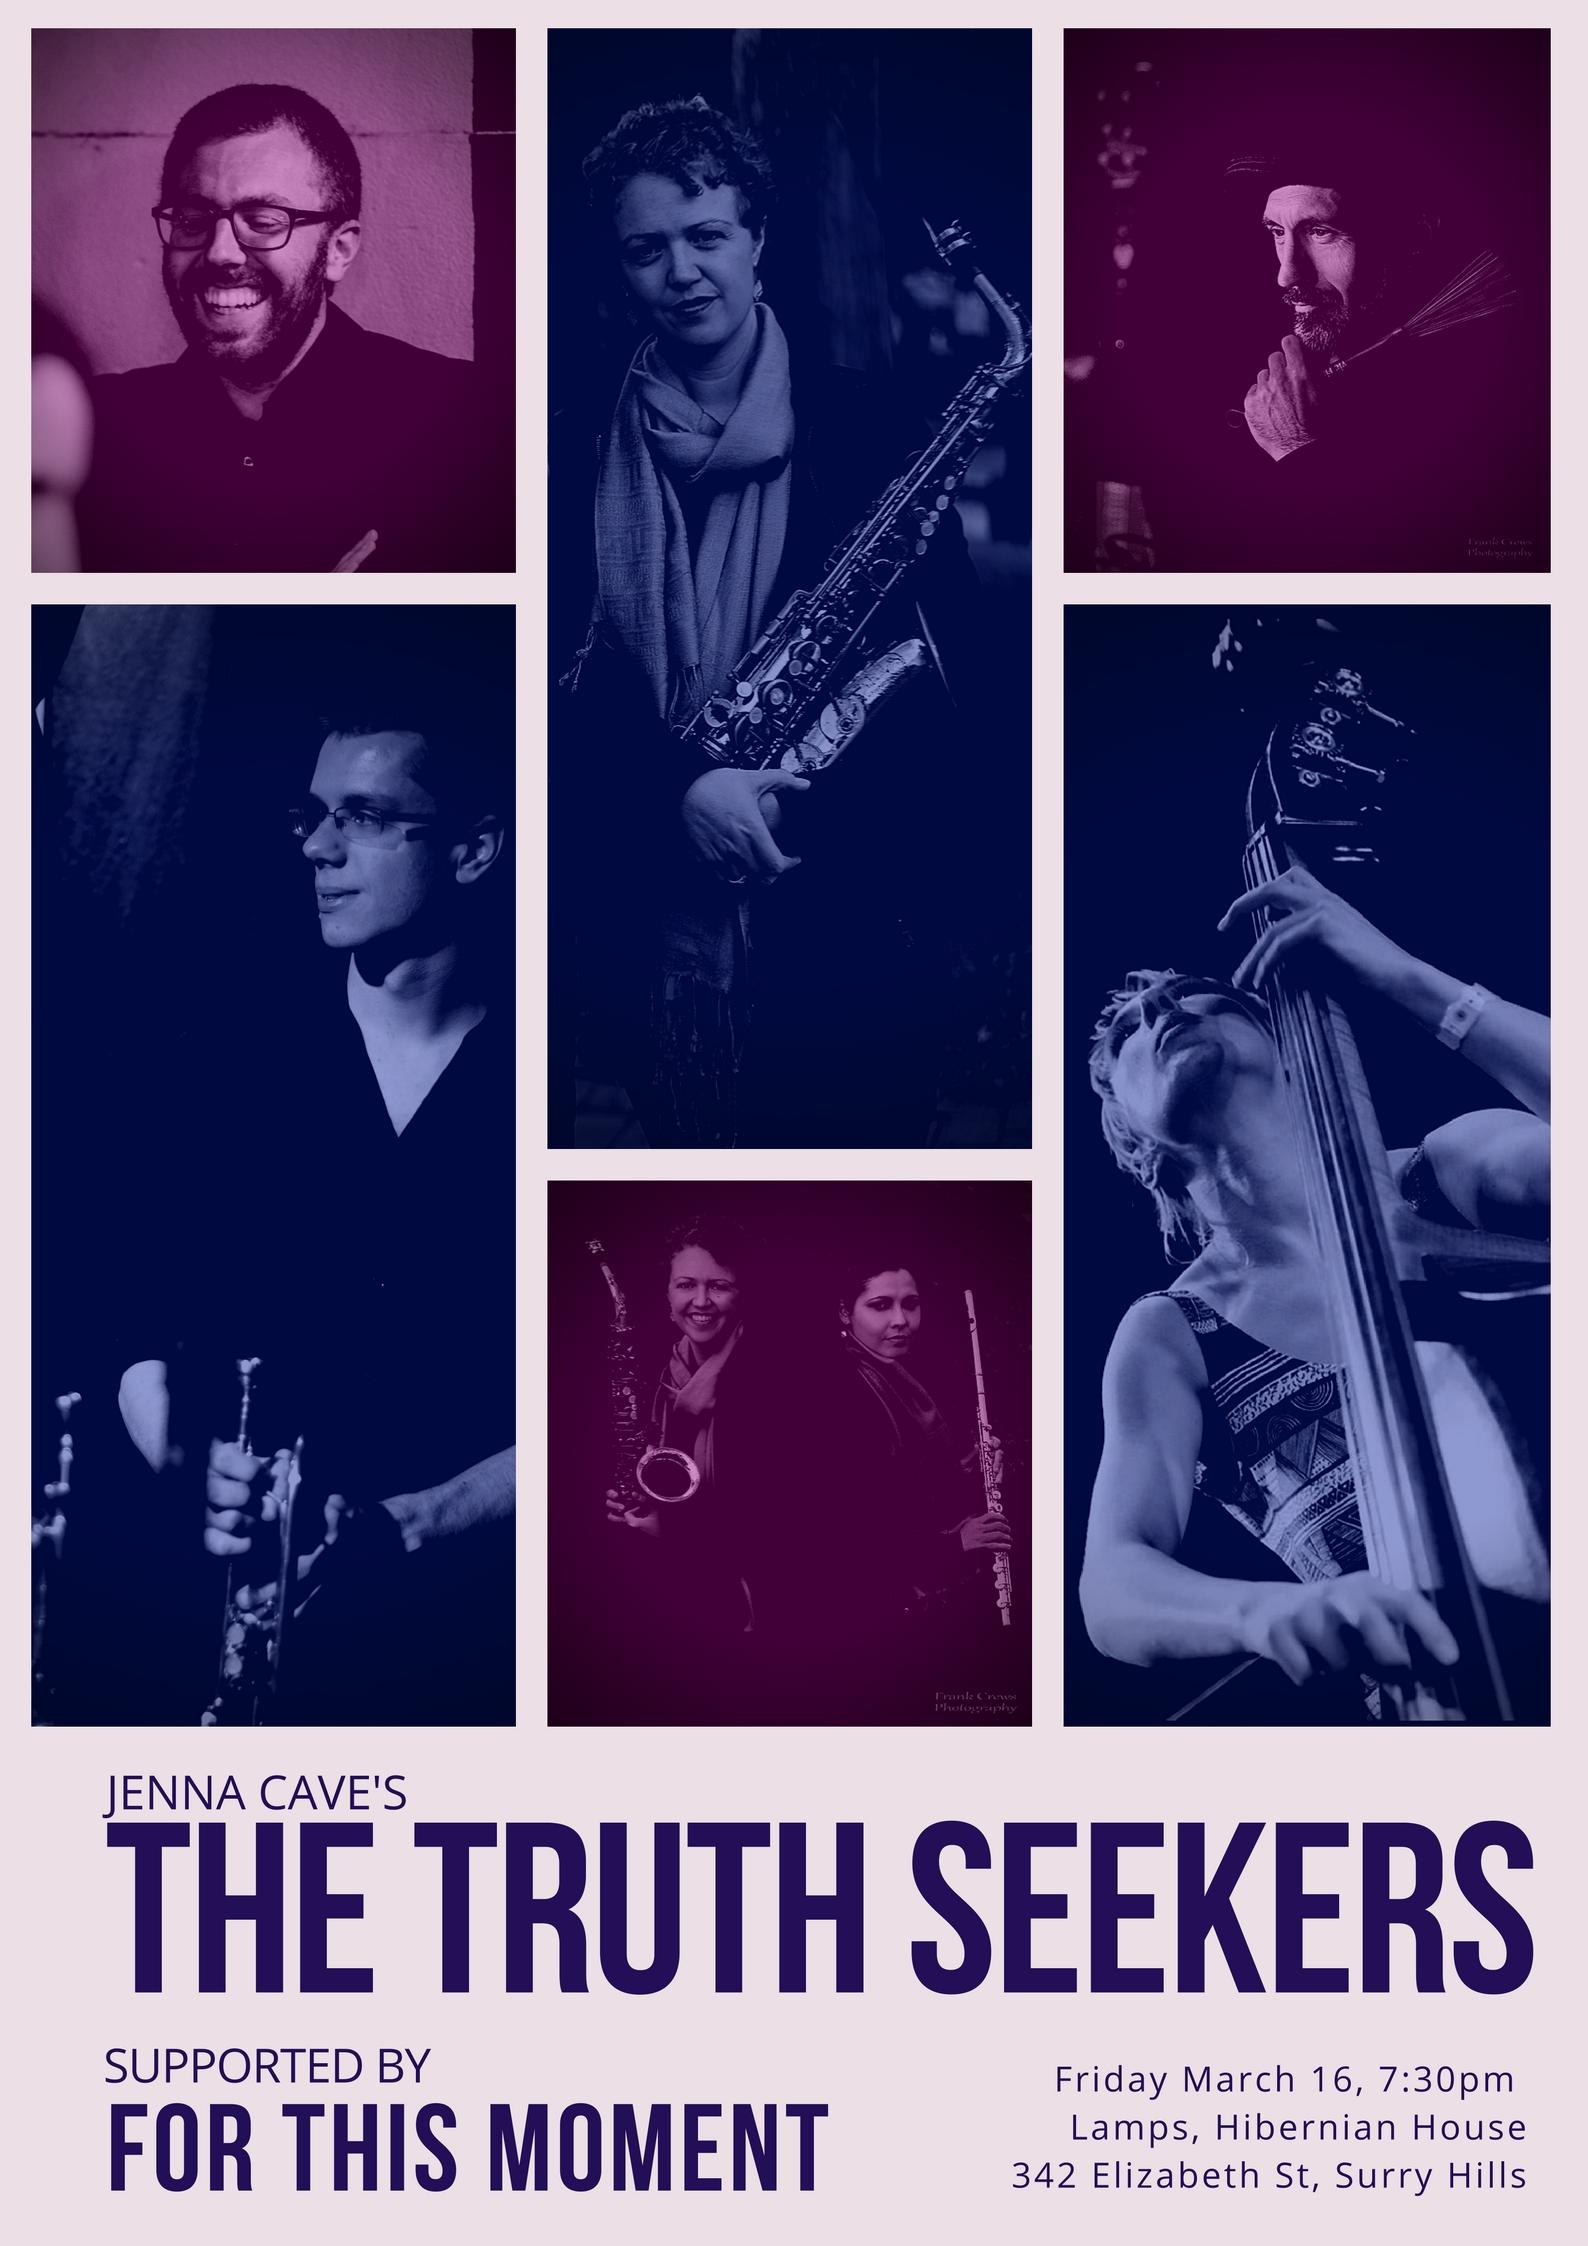 Truth seekers gig 1 (1).jpg